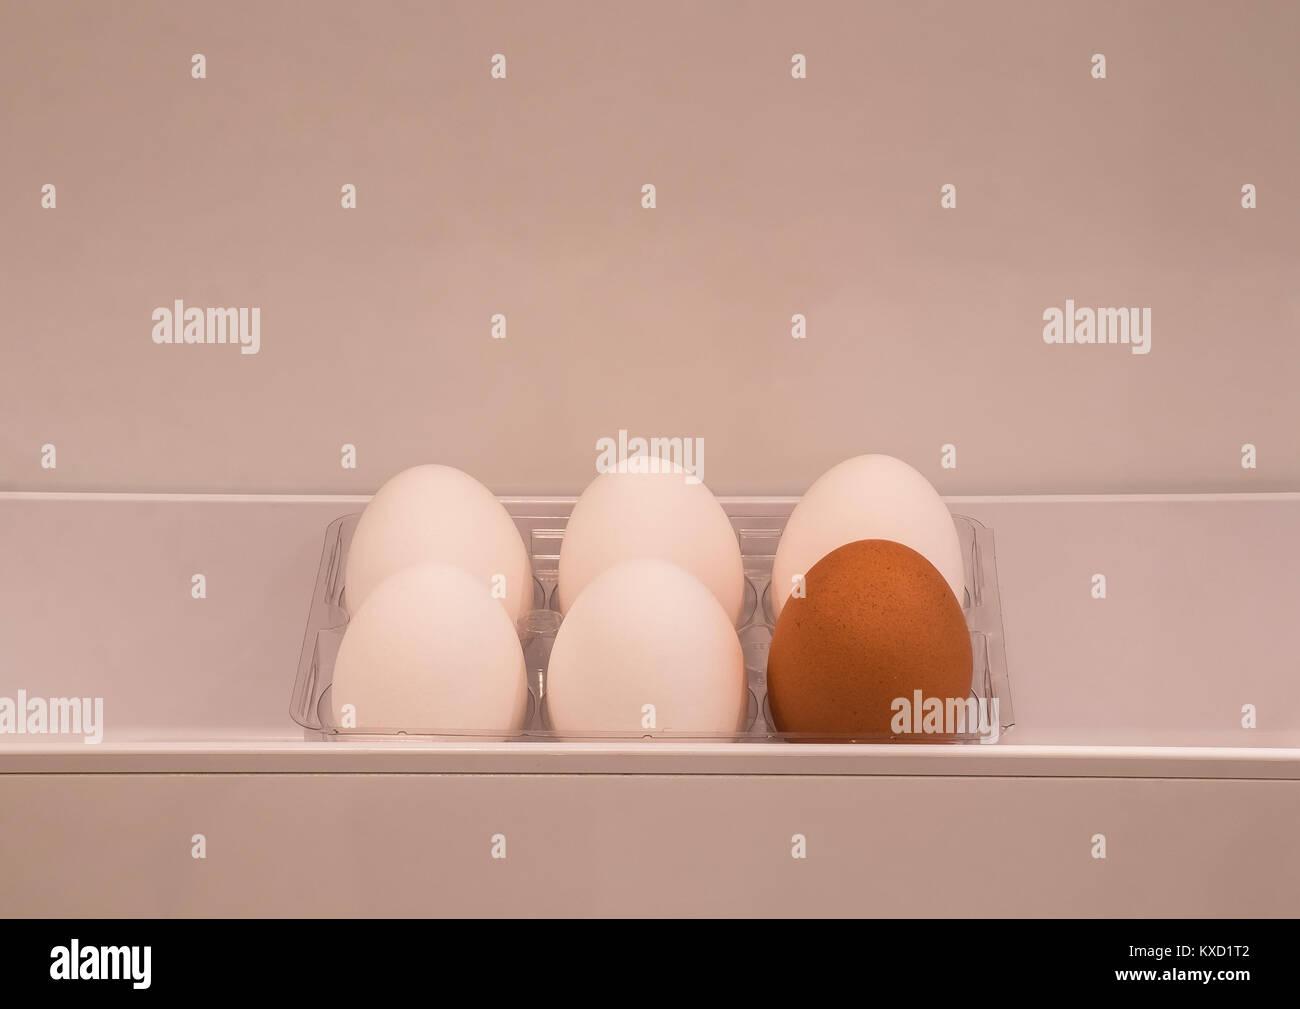 Kühlschrank Ei : Sechs eier in einem kühlschrank tür fahrgastraum die aus einer